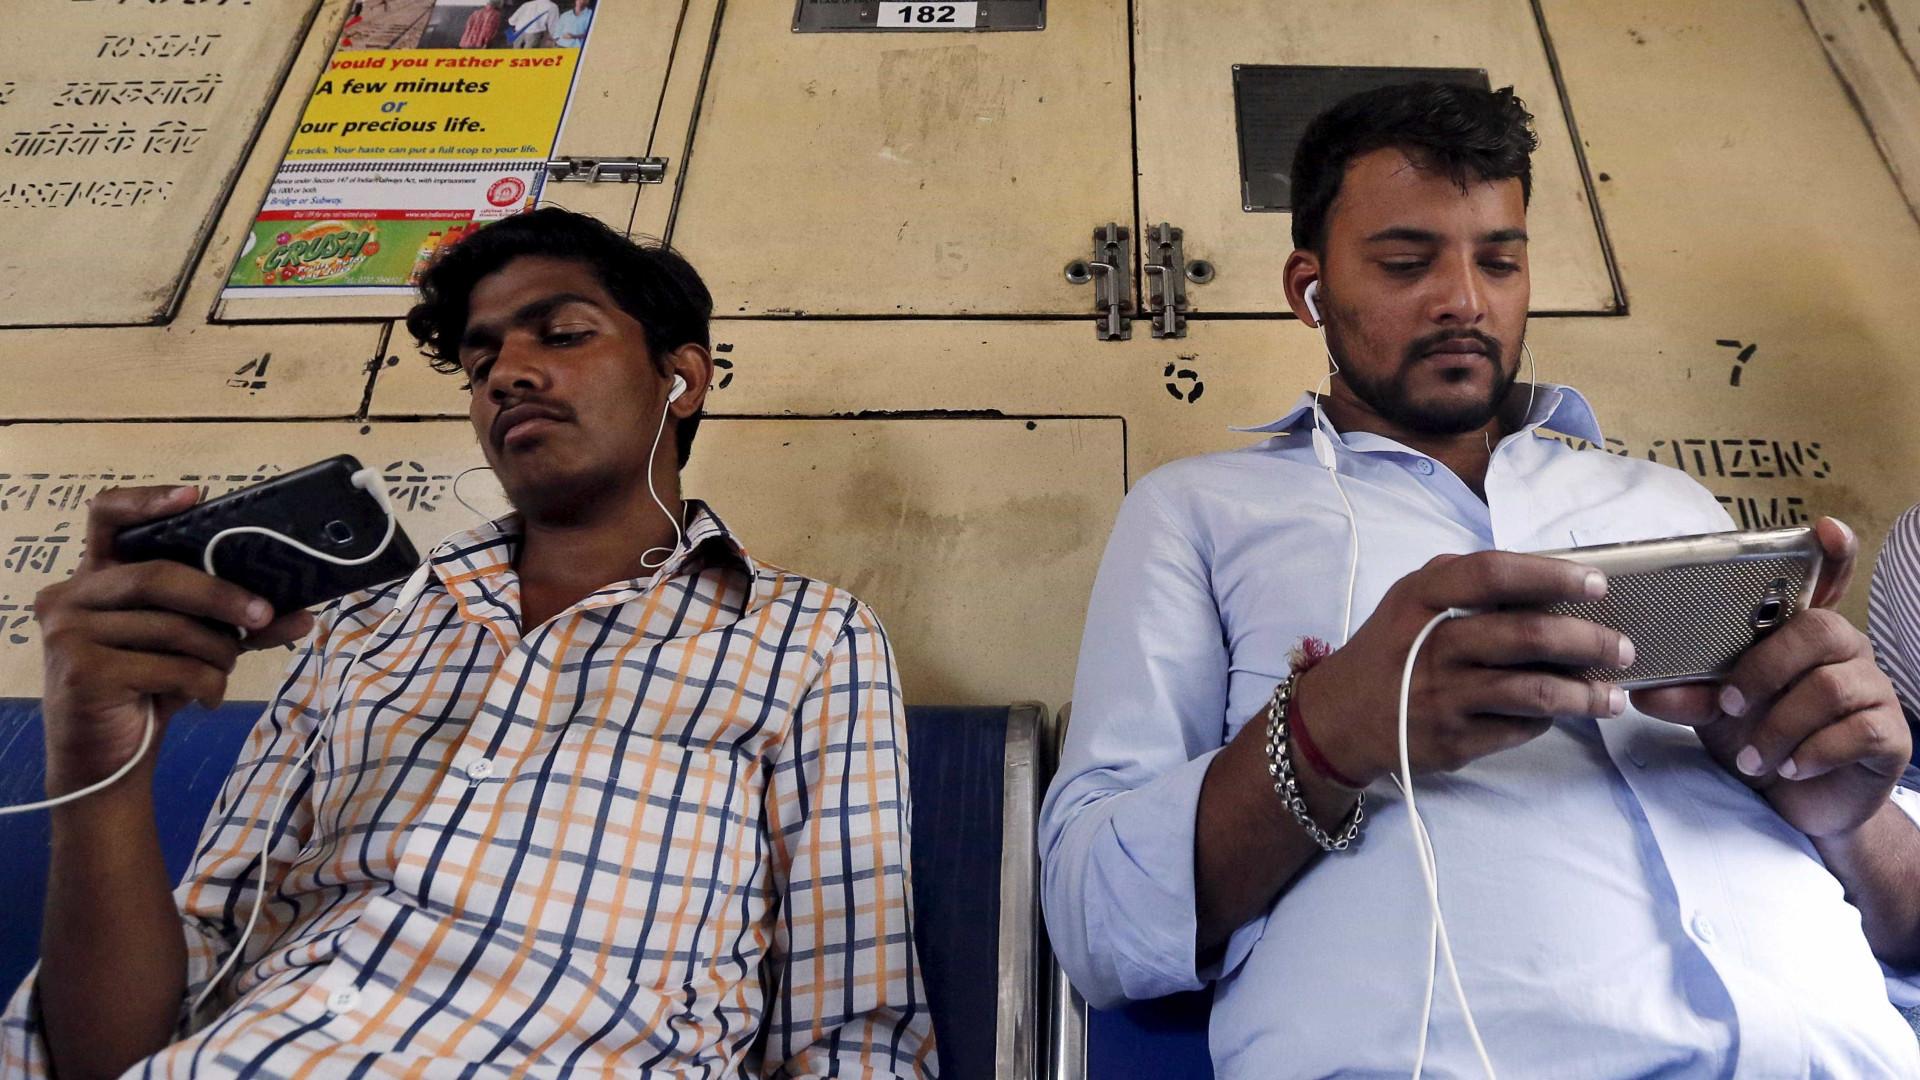 Indianos usam internet grátis para ver conteúdos pornográficos